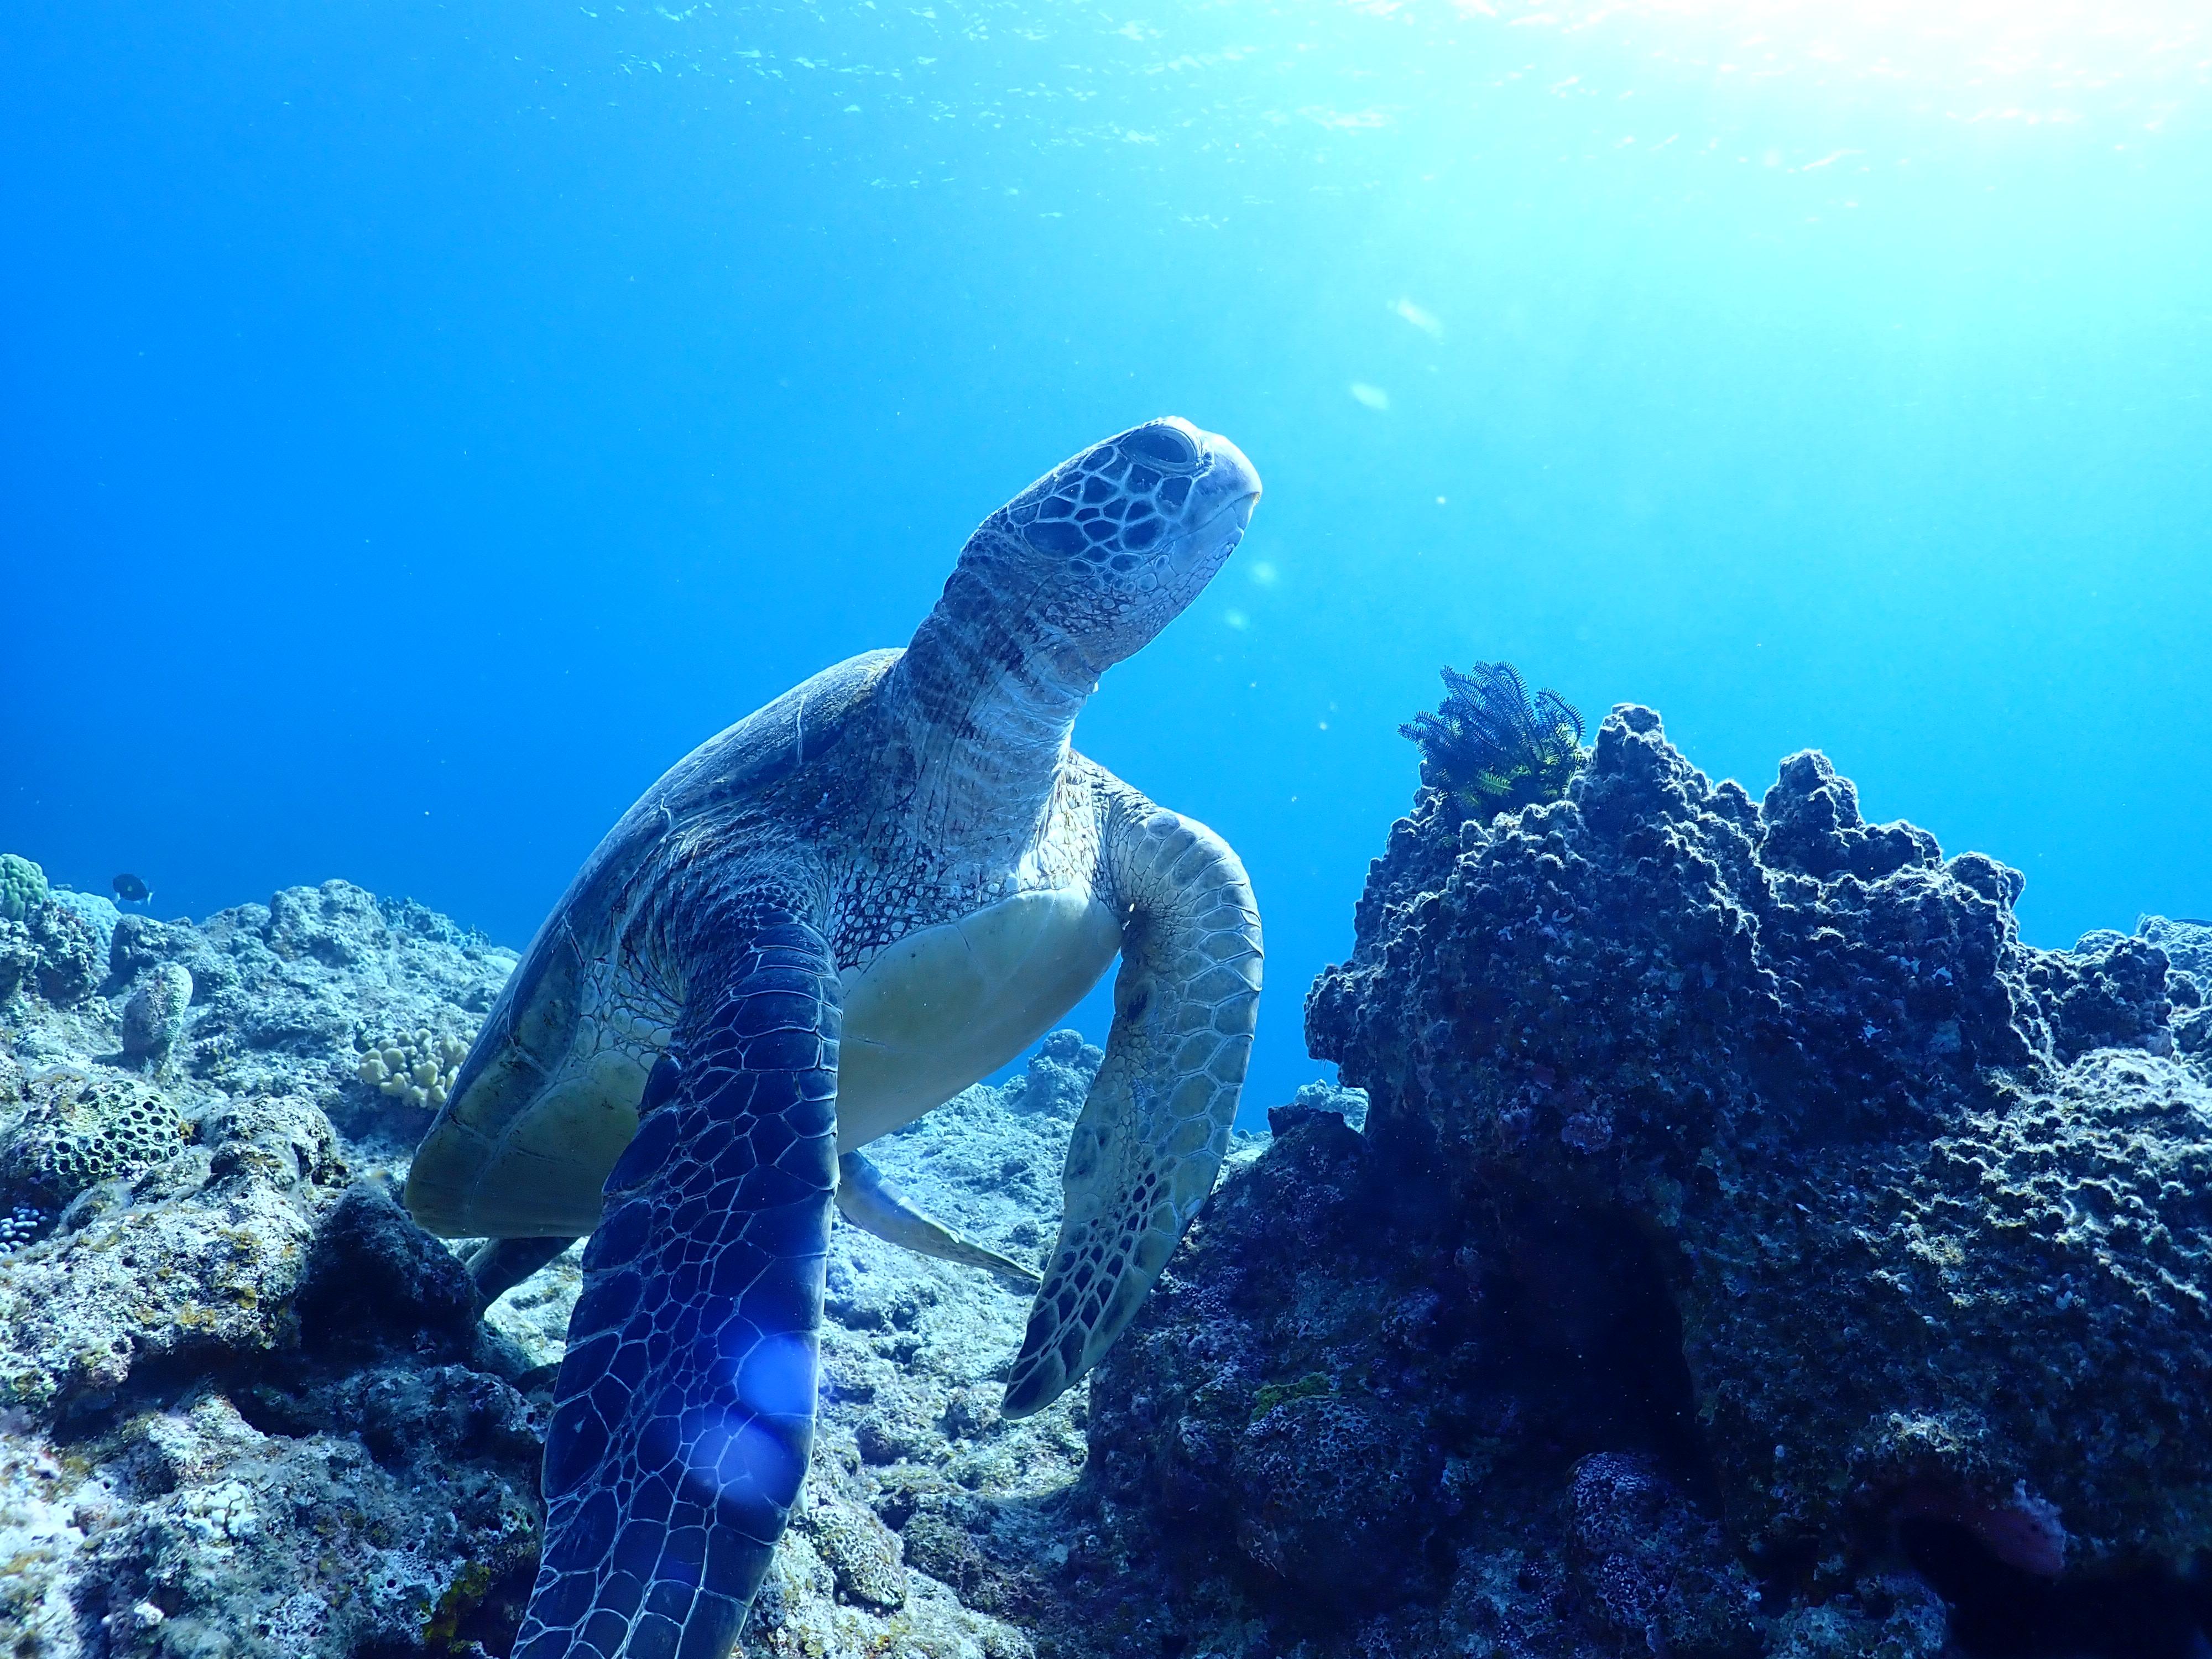 全滅危惧種のウミガメですが八重山では多数生息しています